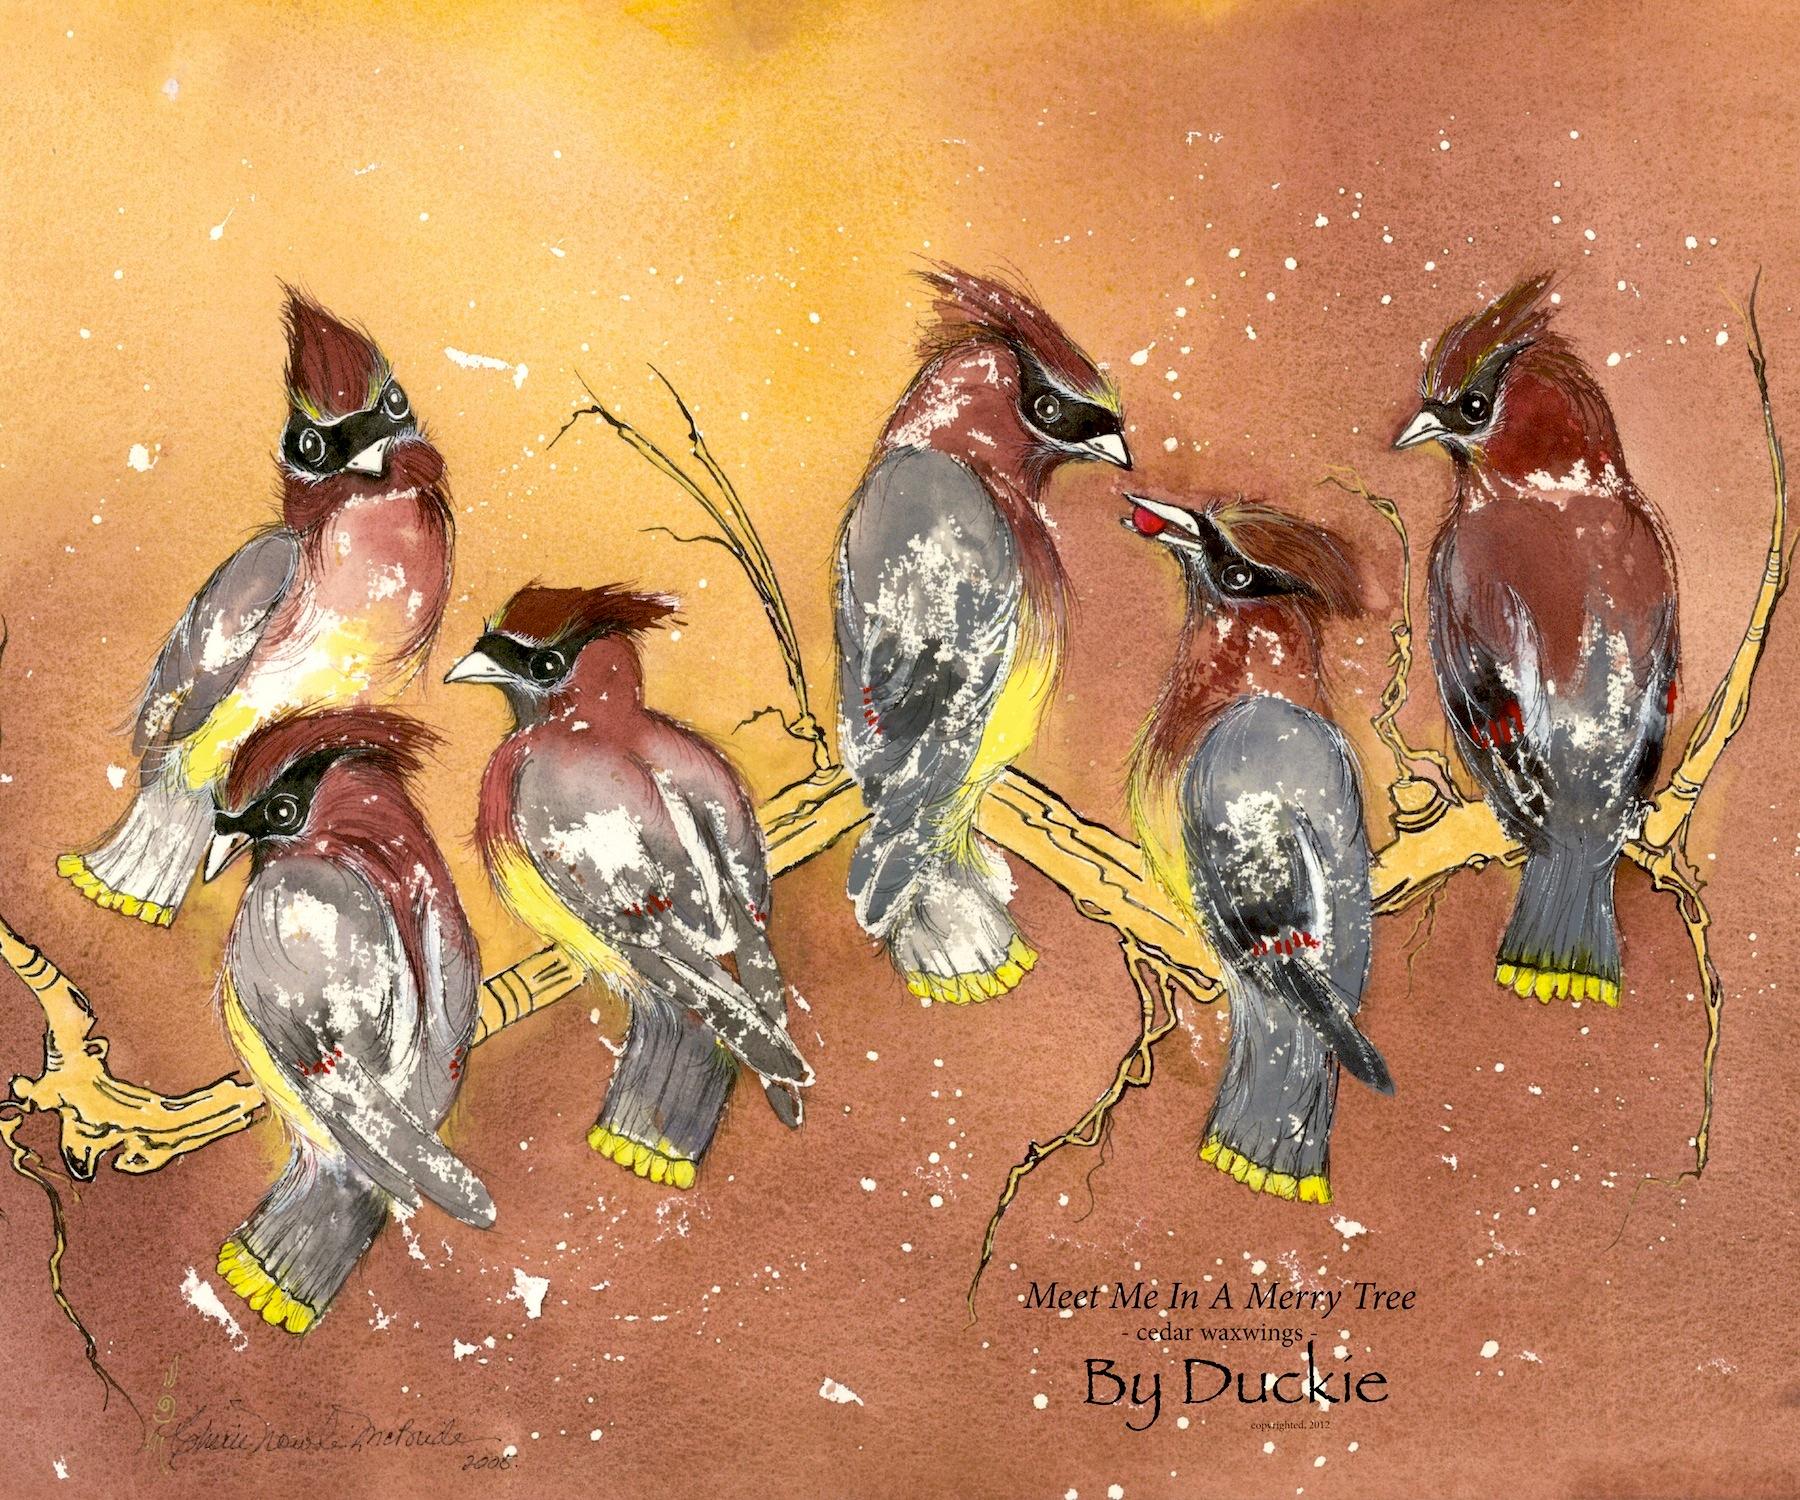 Meet me in a Merry Tree cedar waxwings Tapestry Throw emailable.jpg